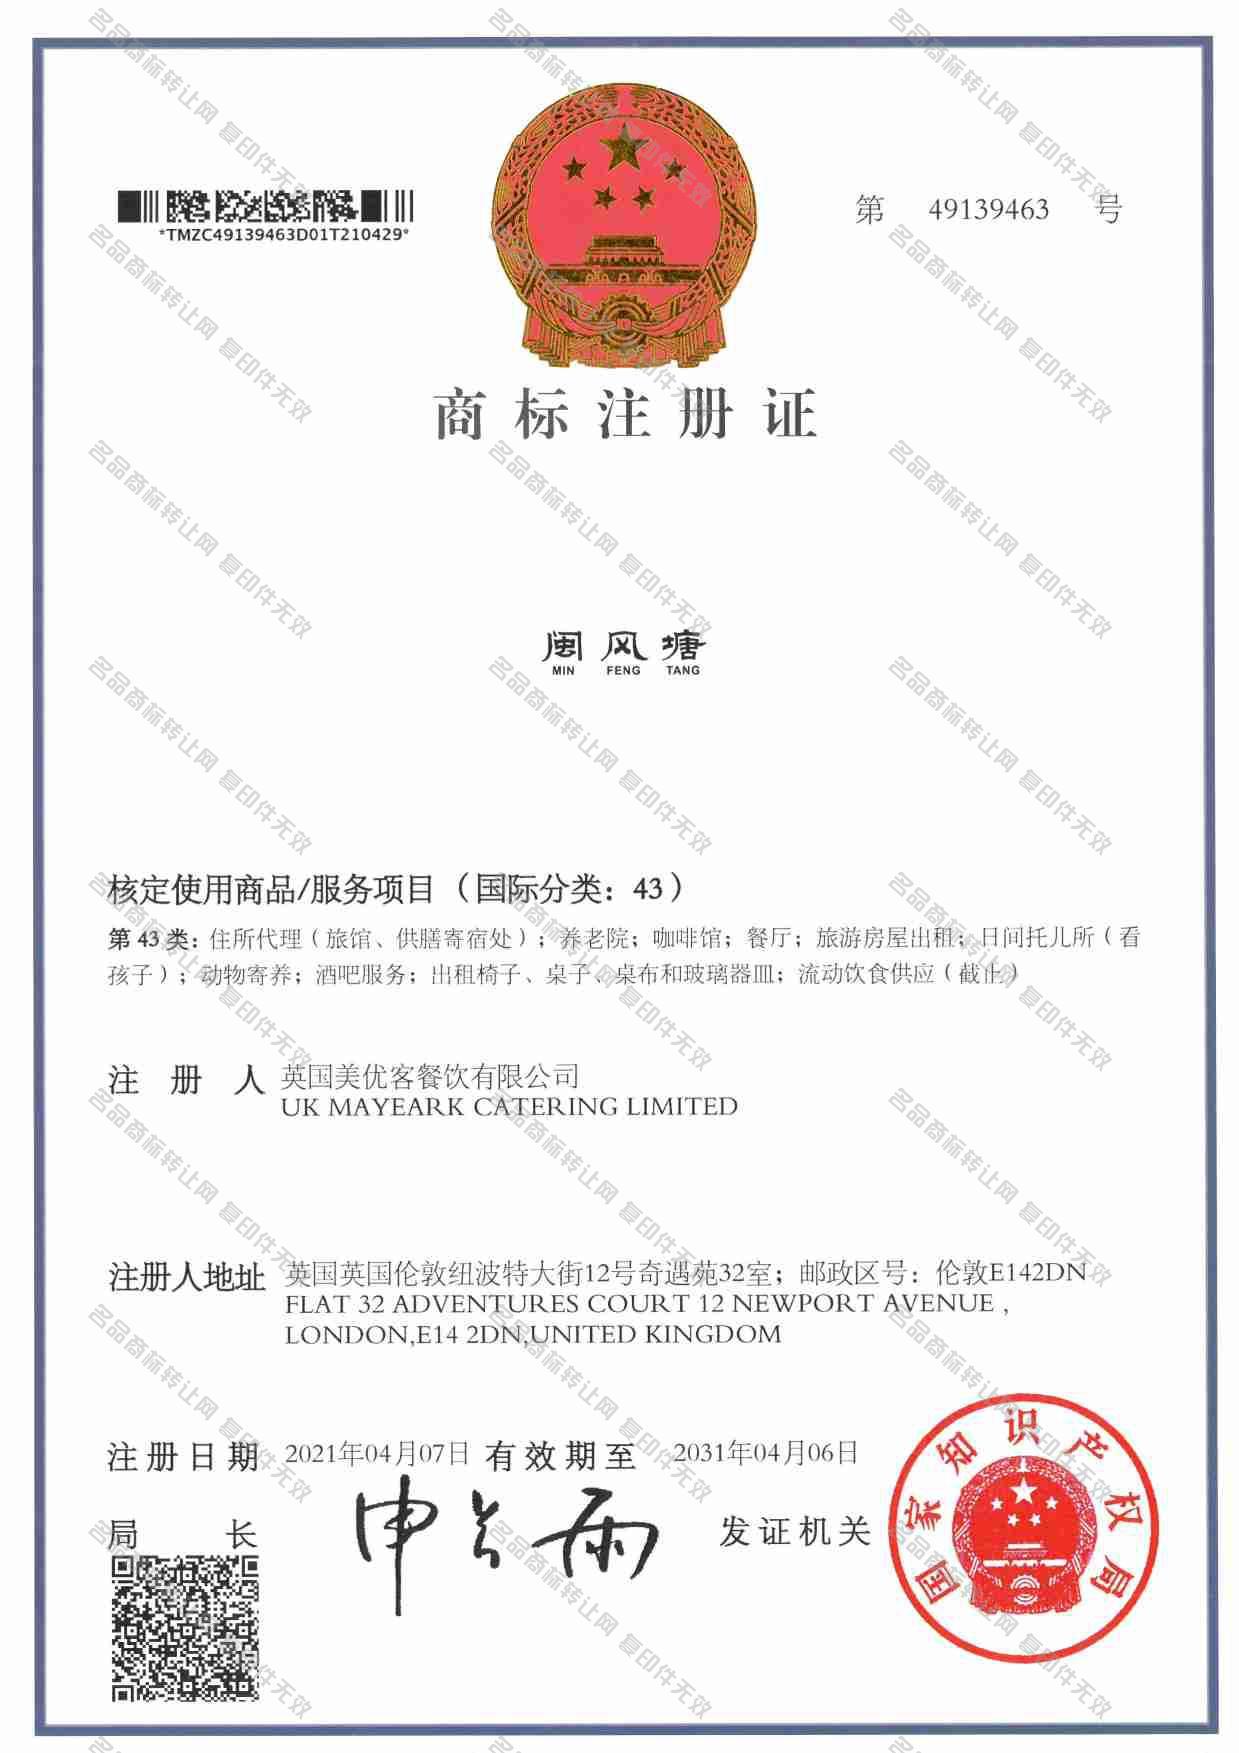 闽风塘注册证